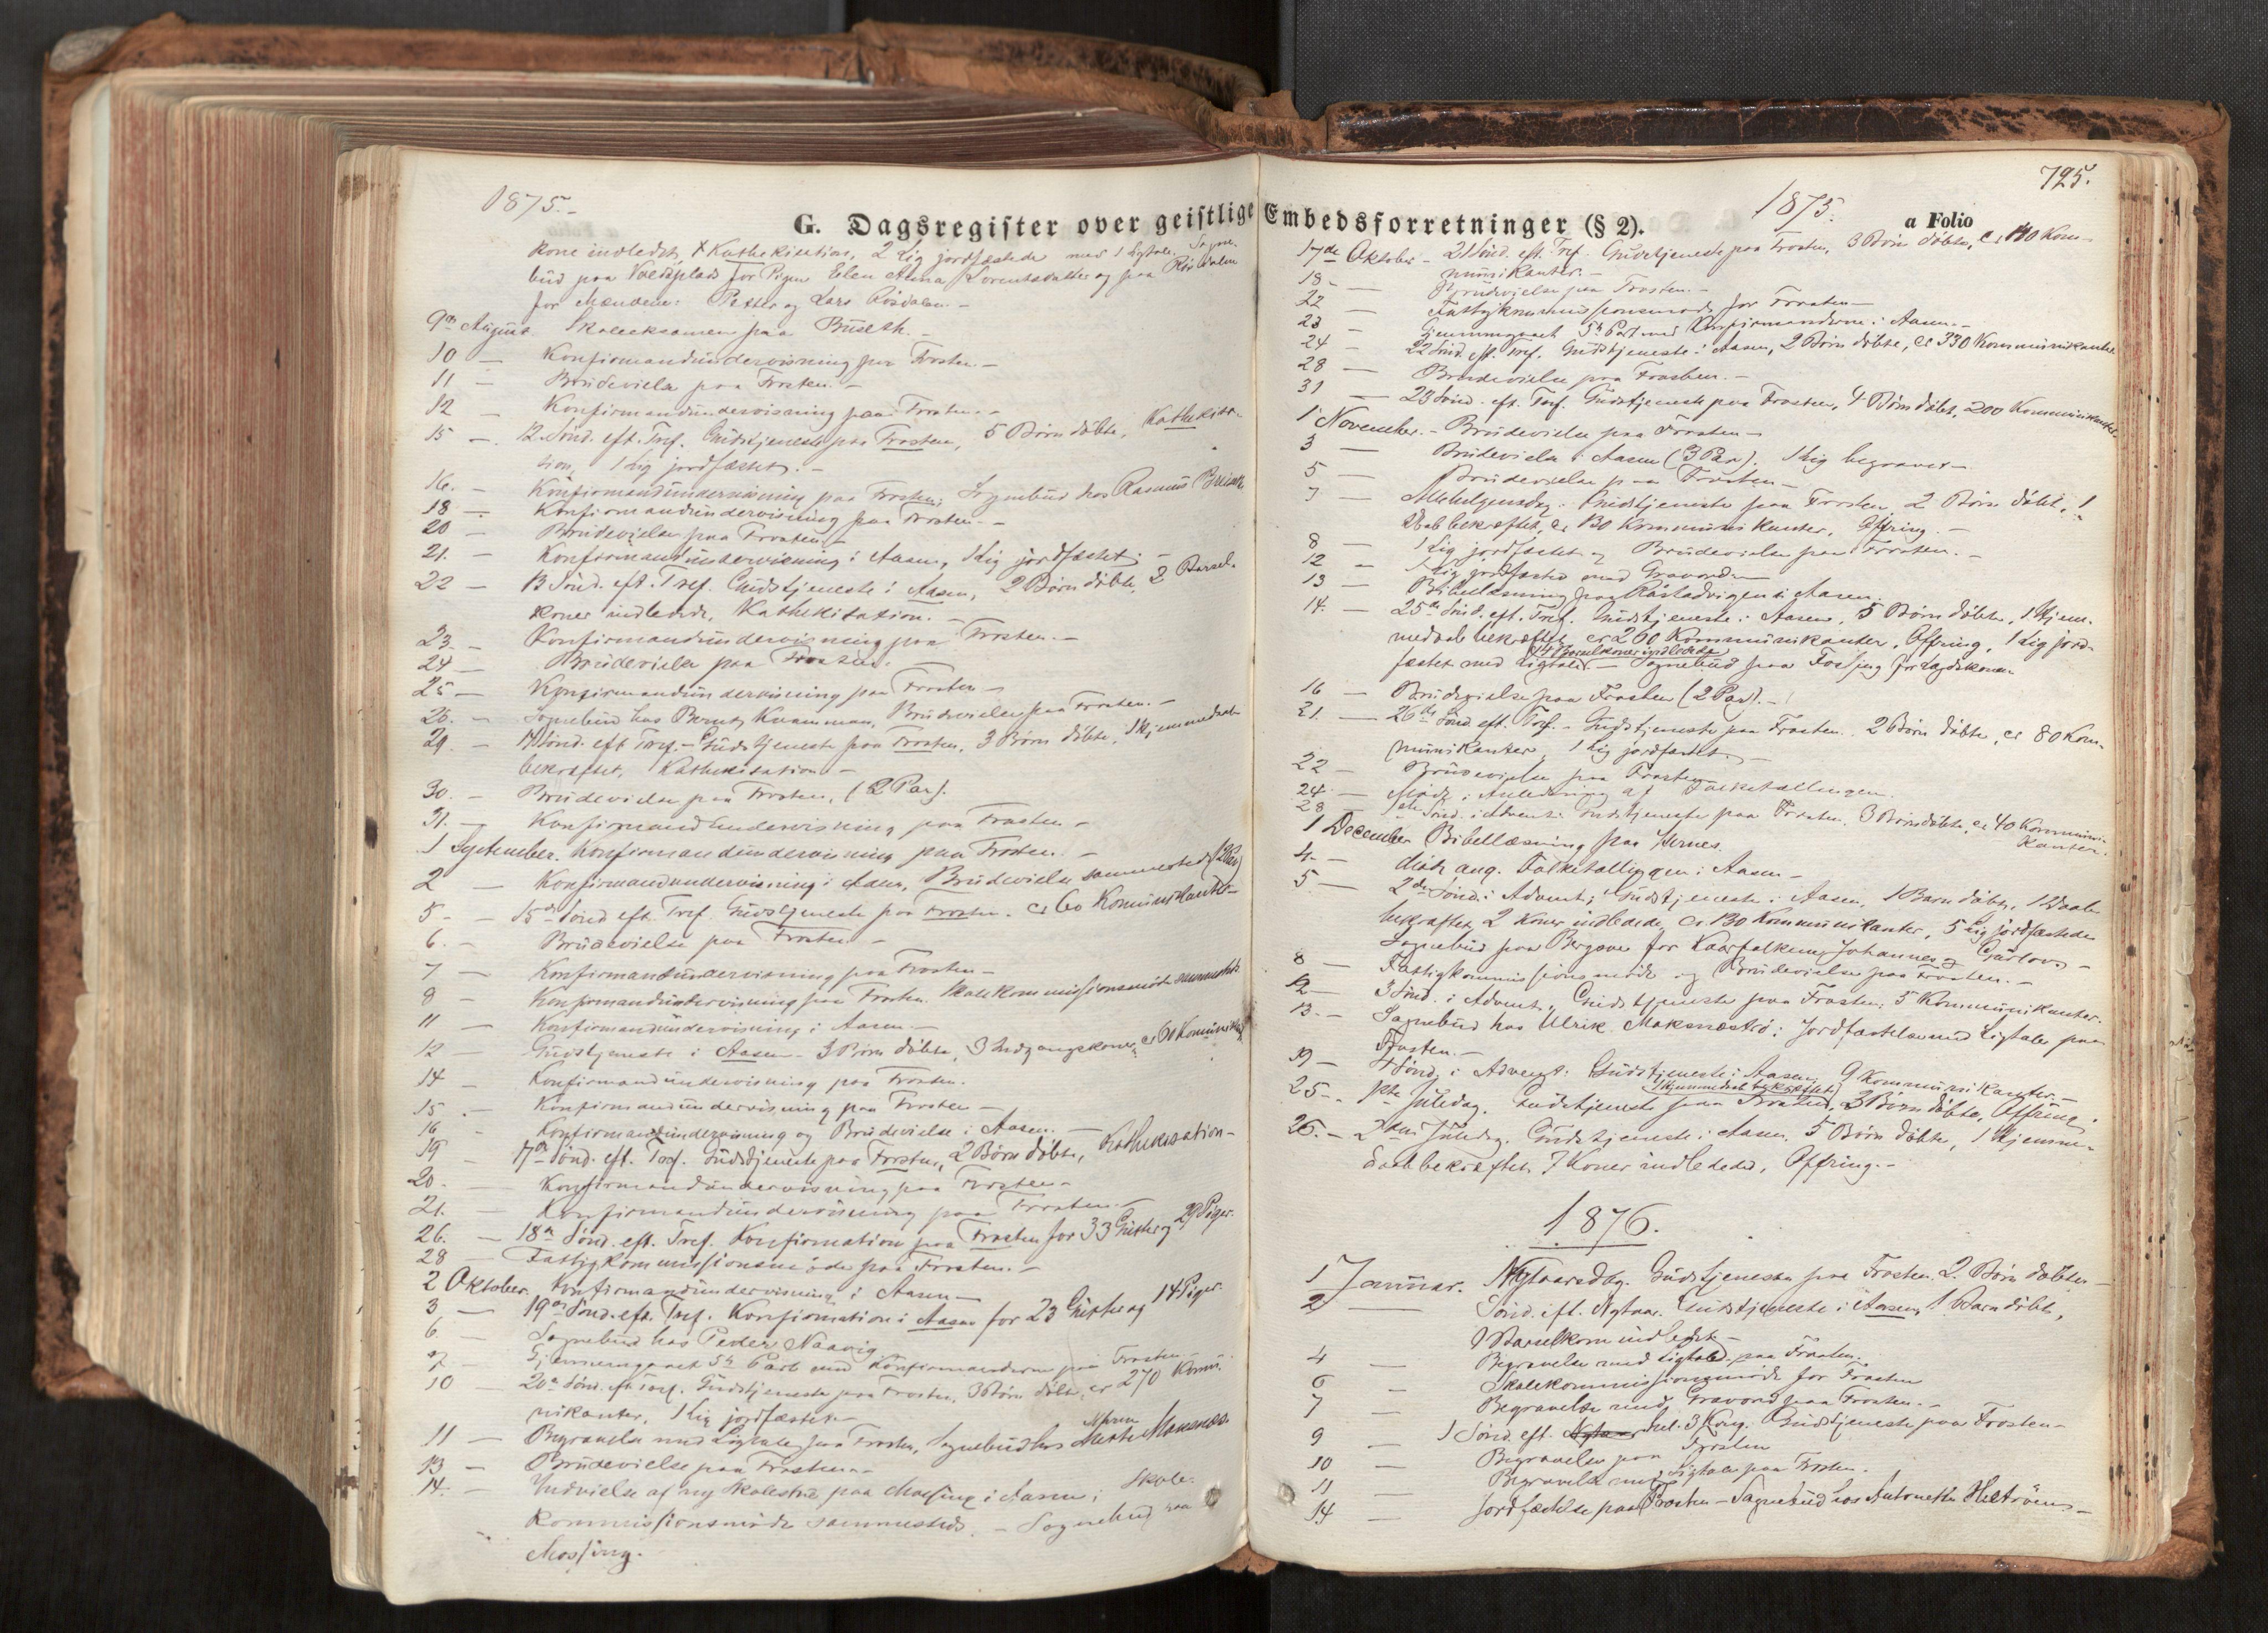 SAT, Ministerialprotokoller, klokkerbøker og fødselsregistre - Nord-Trøndelag, 713/L0116: Ministerialbok nr. 713A07, 1850-1877, s. 725